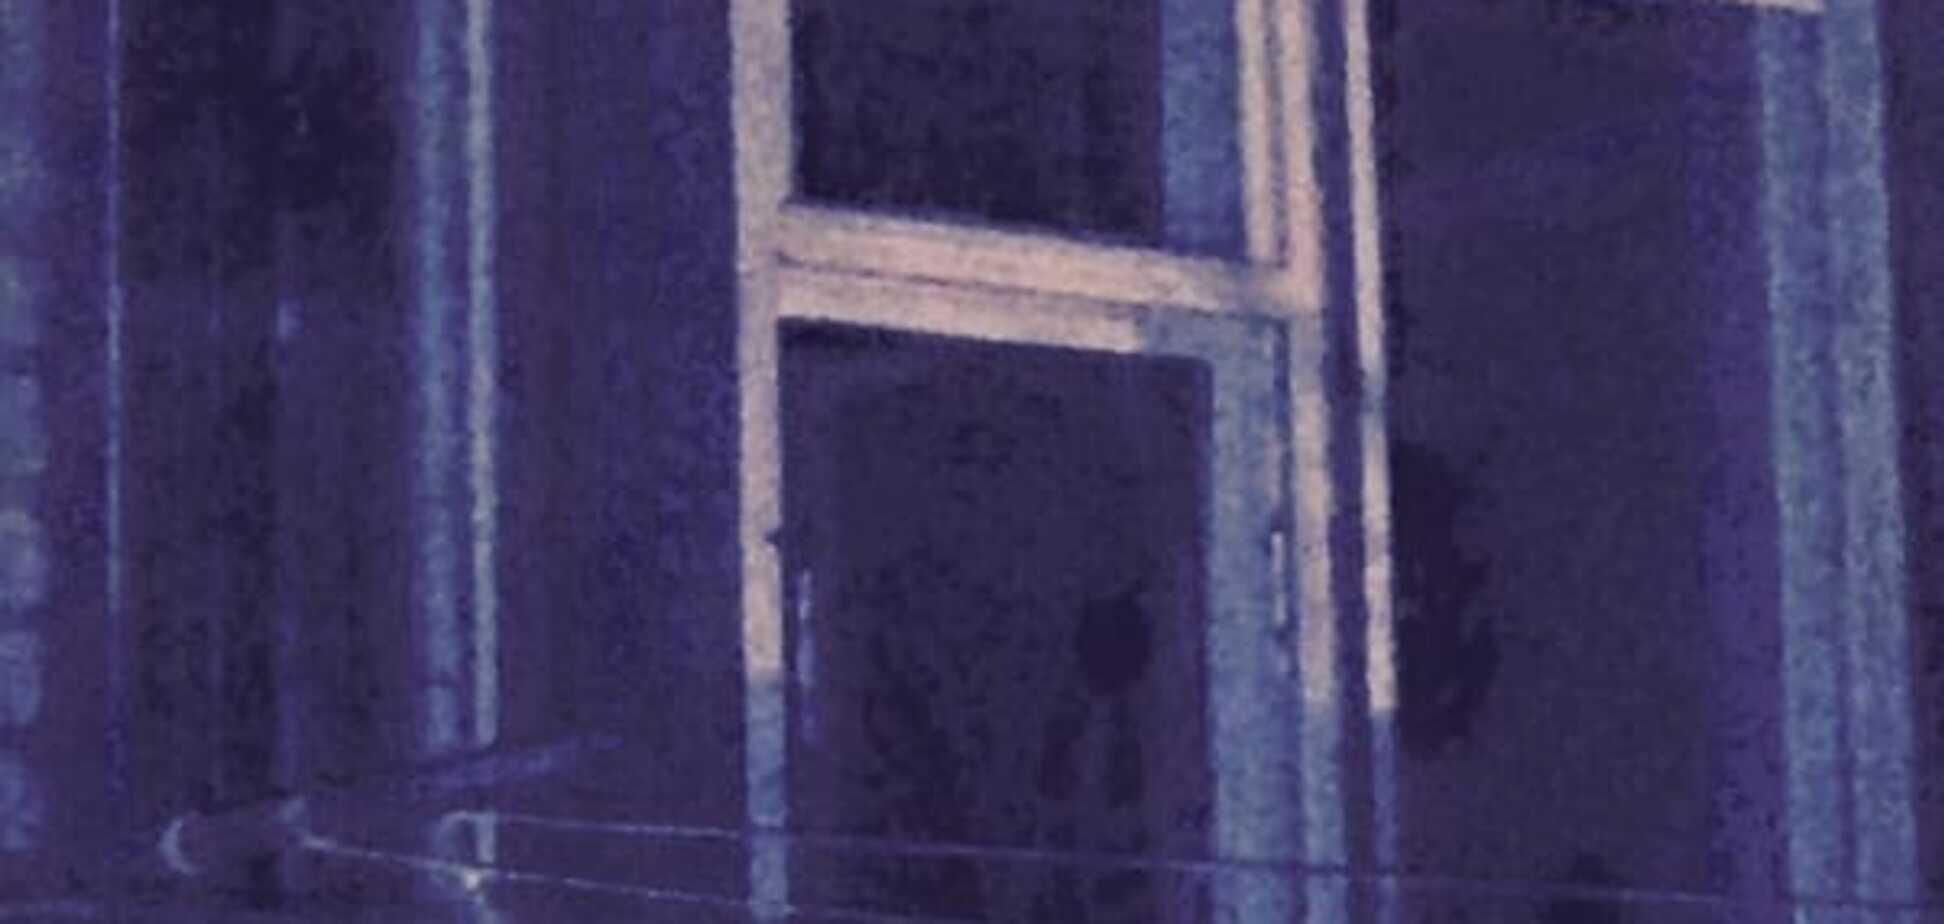 Пожар в Сватово: Генштаб не исключает, что имел место теракт